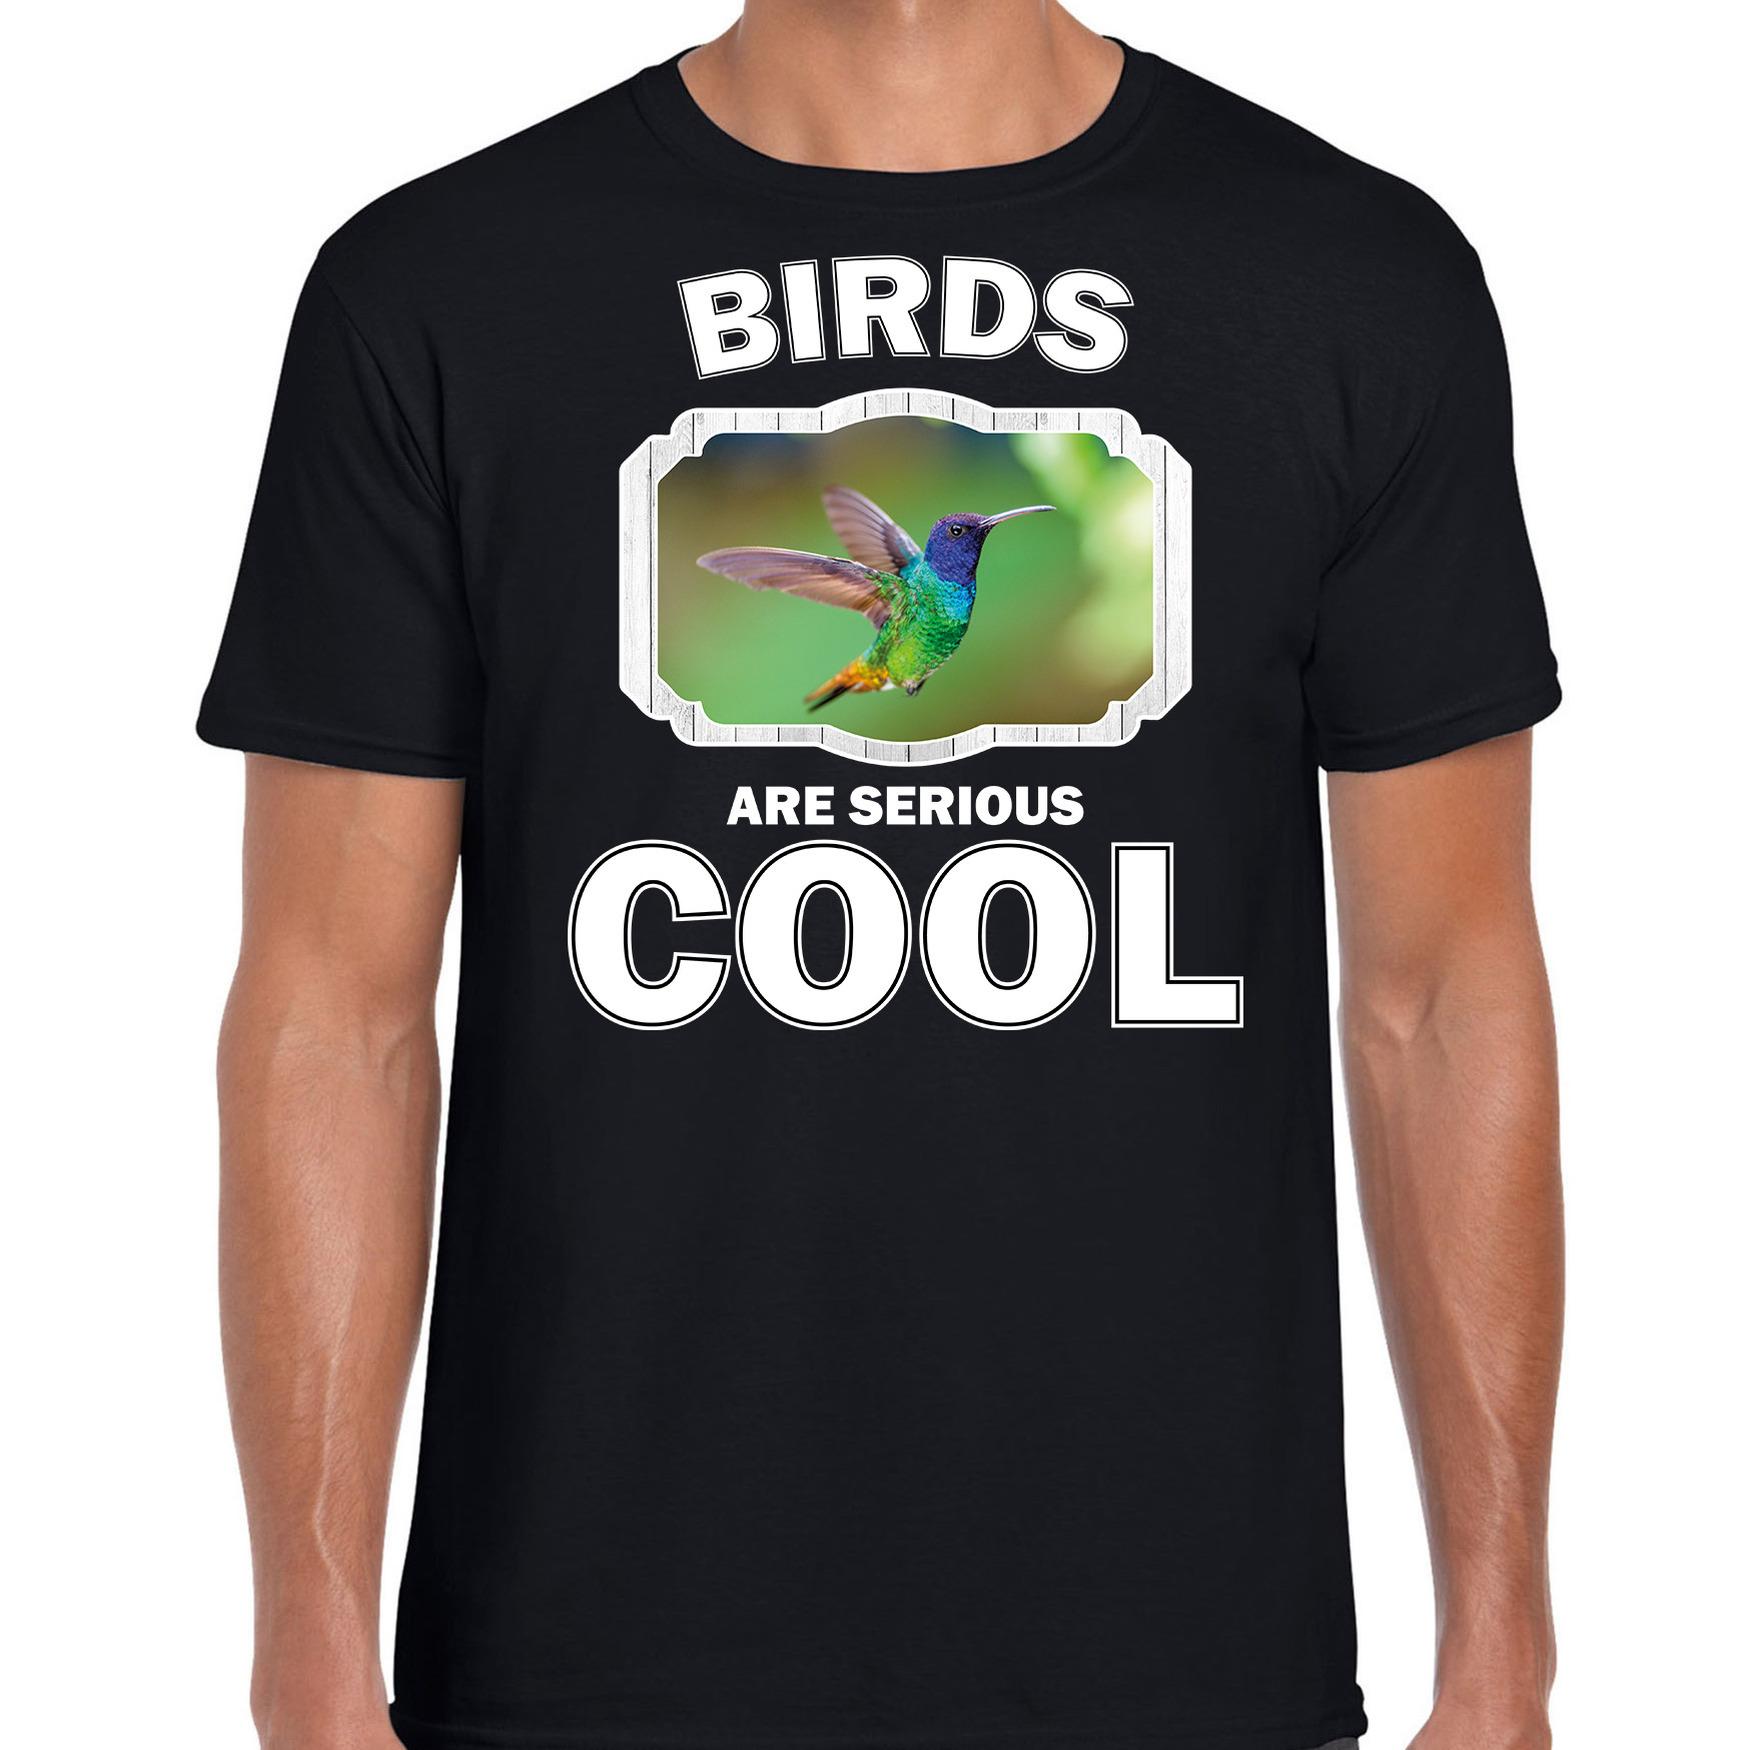 T-shirt birds are serious cool zwart heren - vogels/ kolibrie vogel shirt